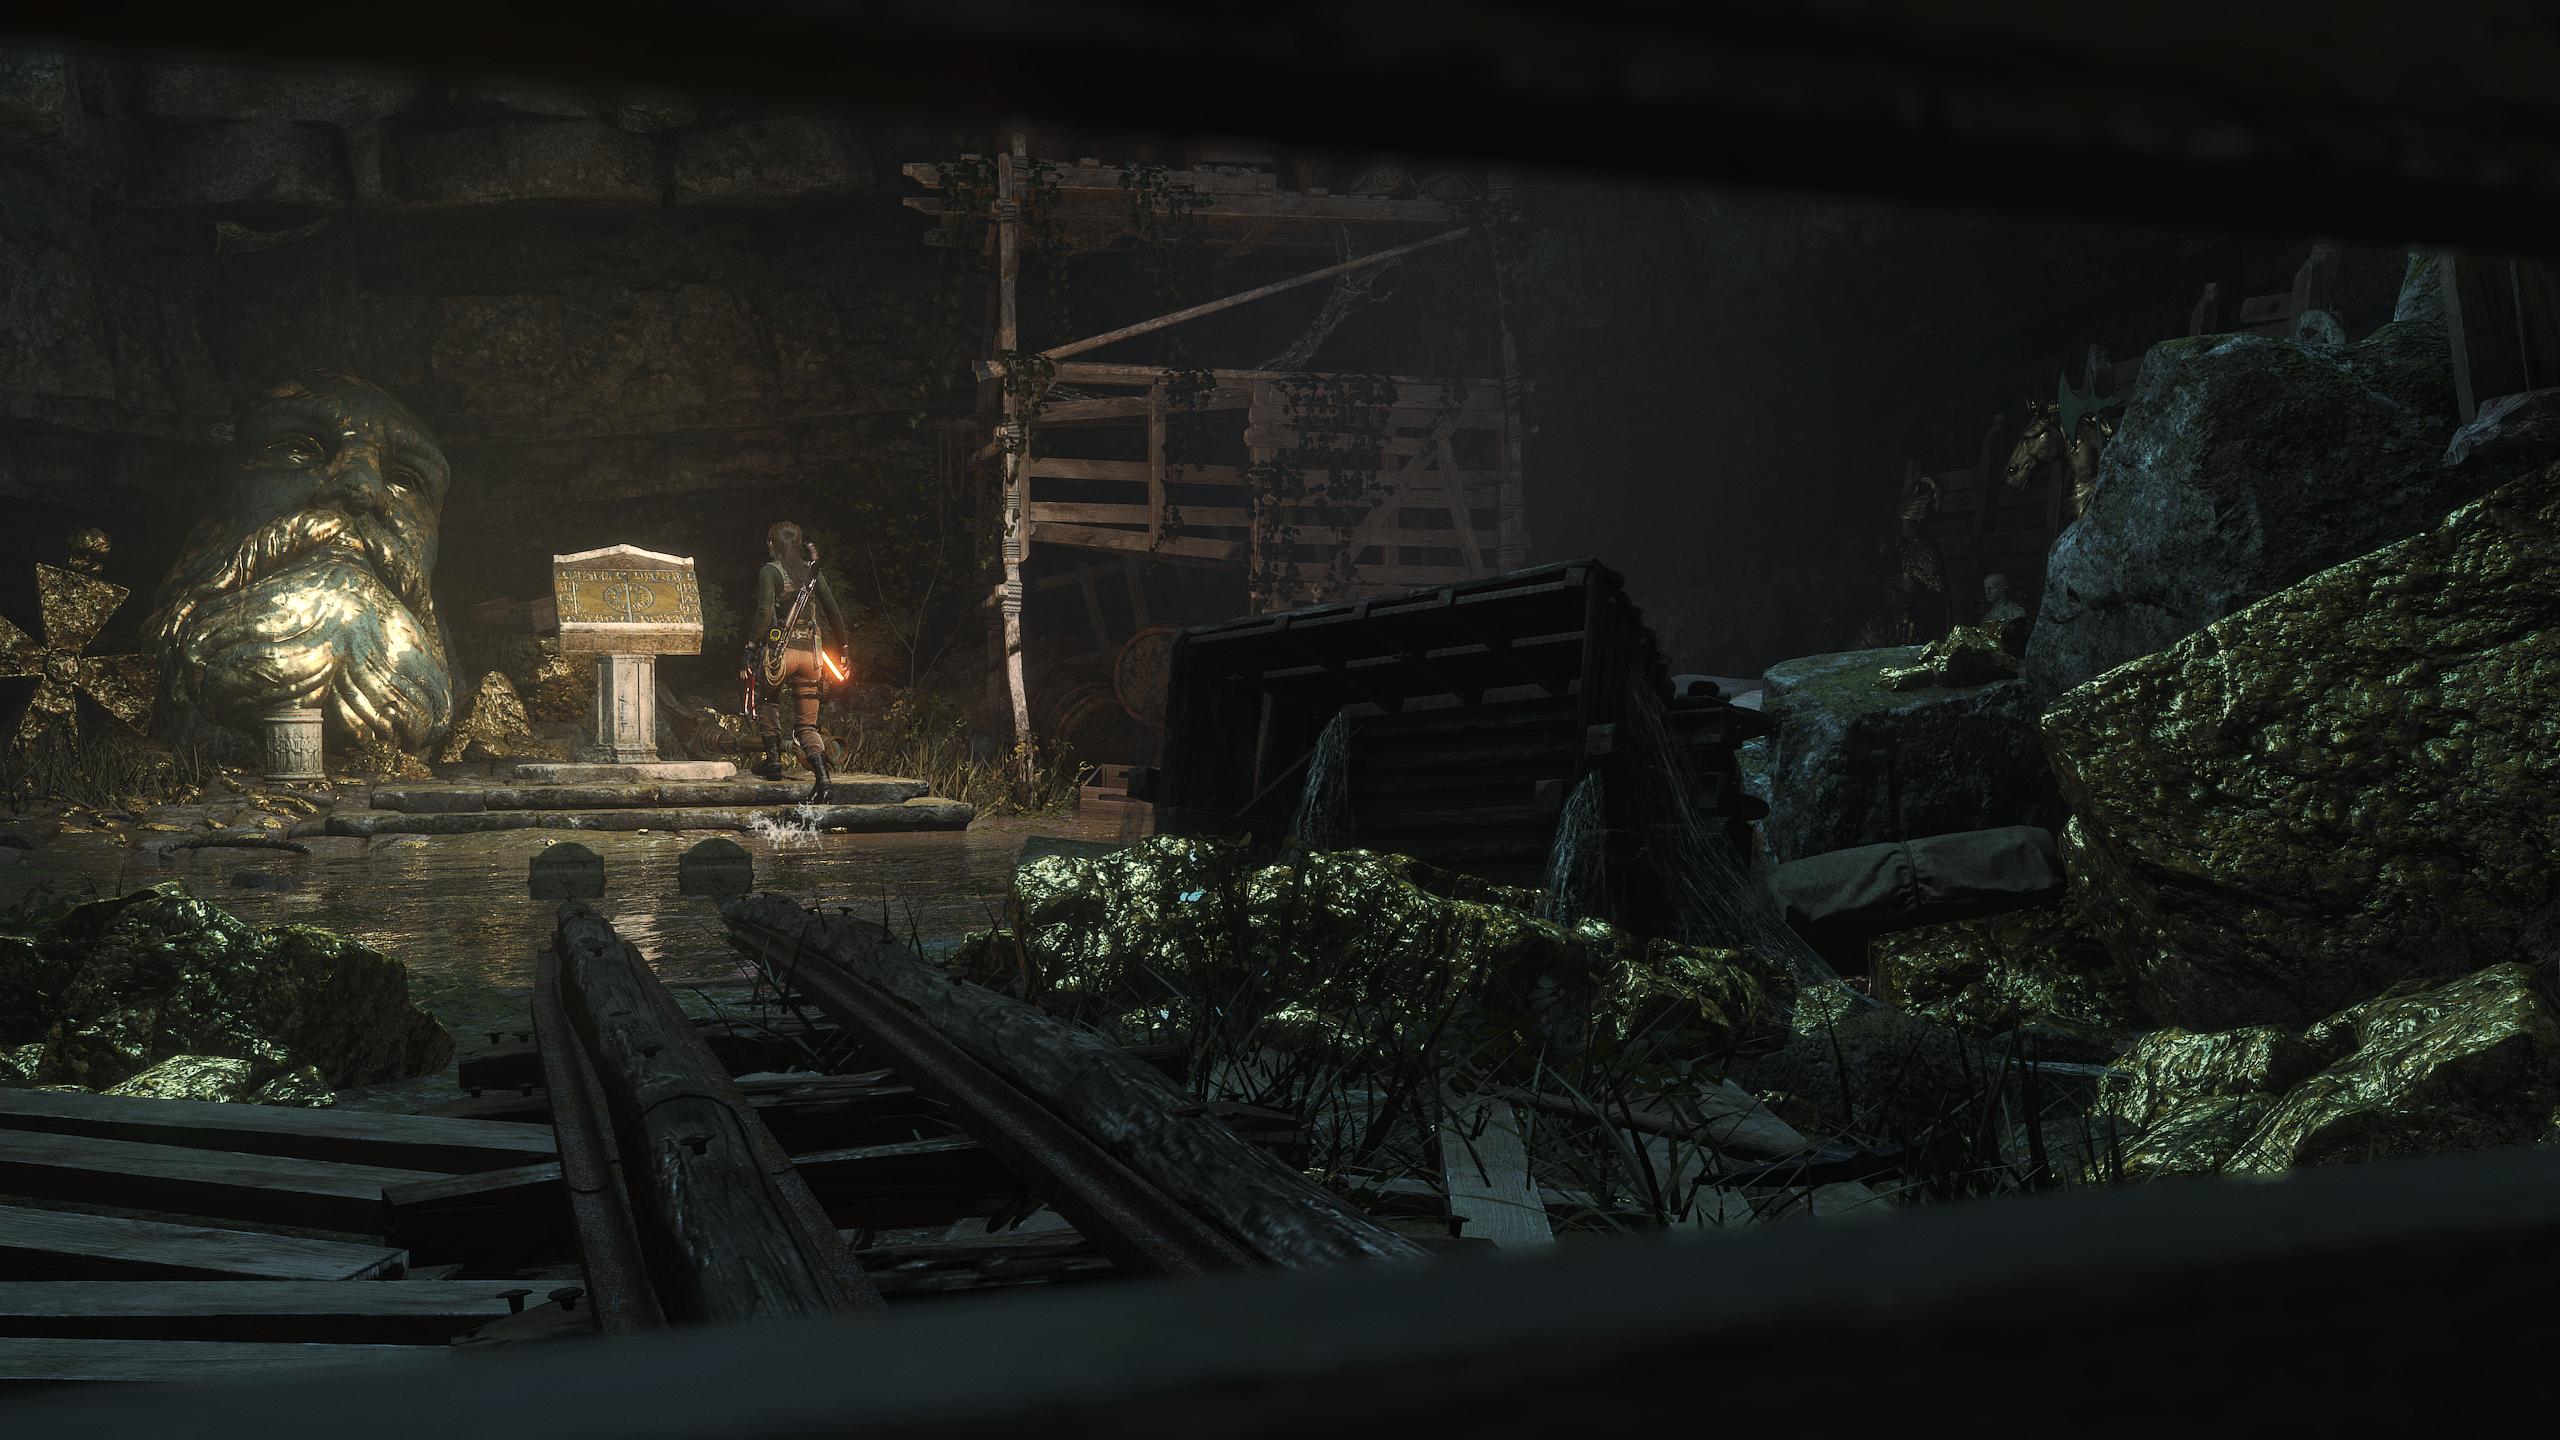 Obrázky z Rise of the Tomb Raider před vydáním PS4 verze 131615